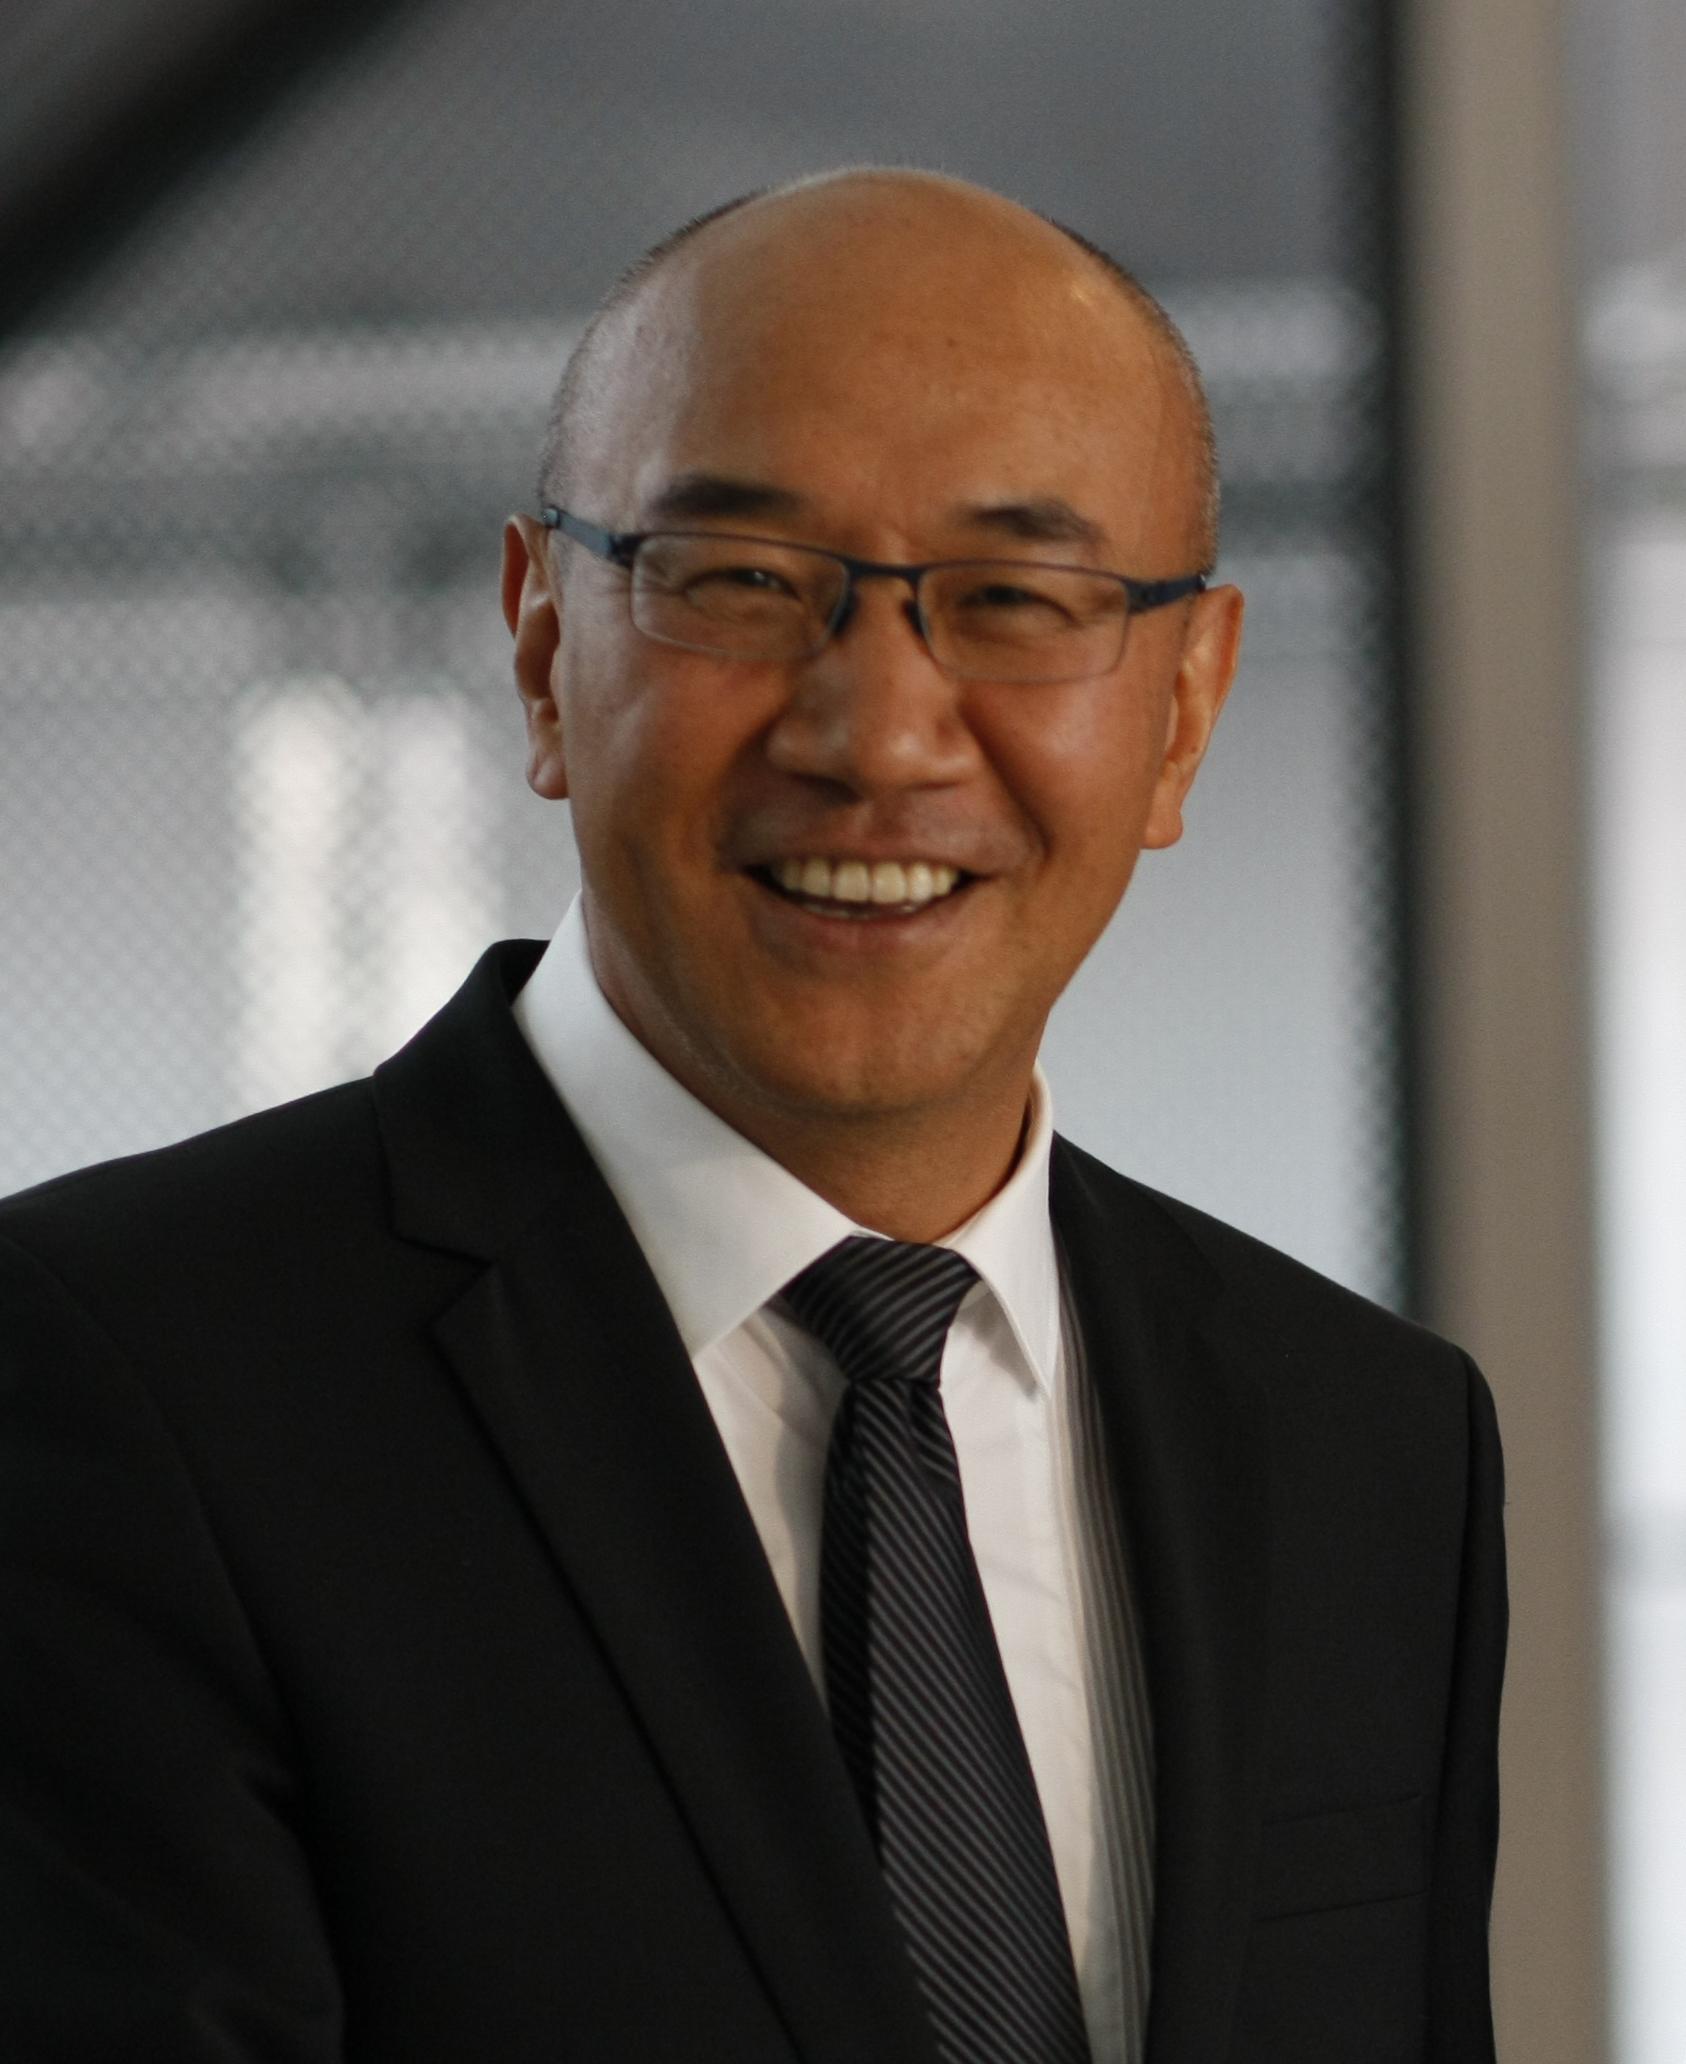 William Feng